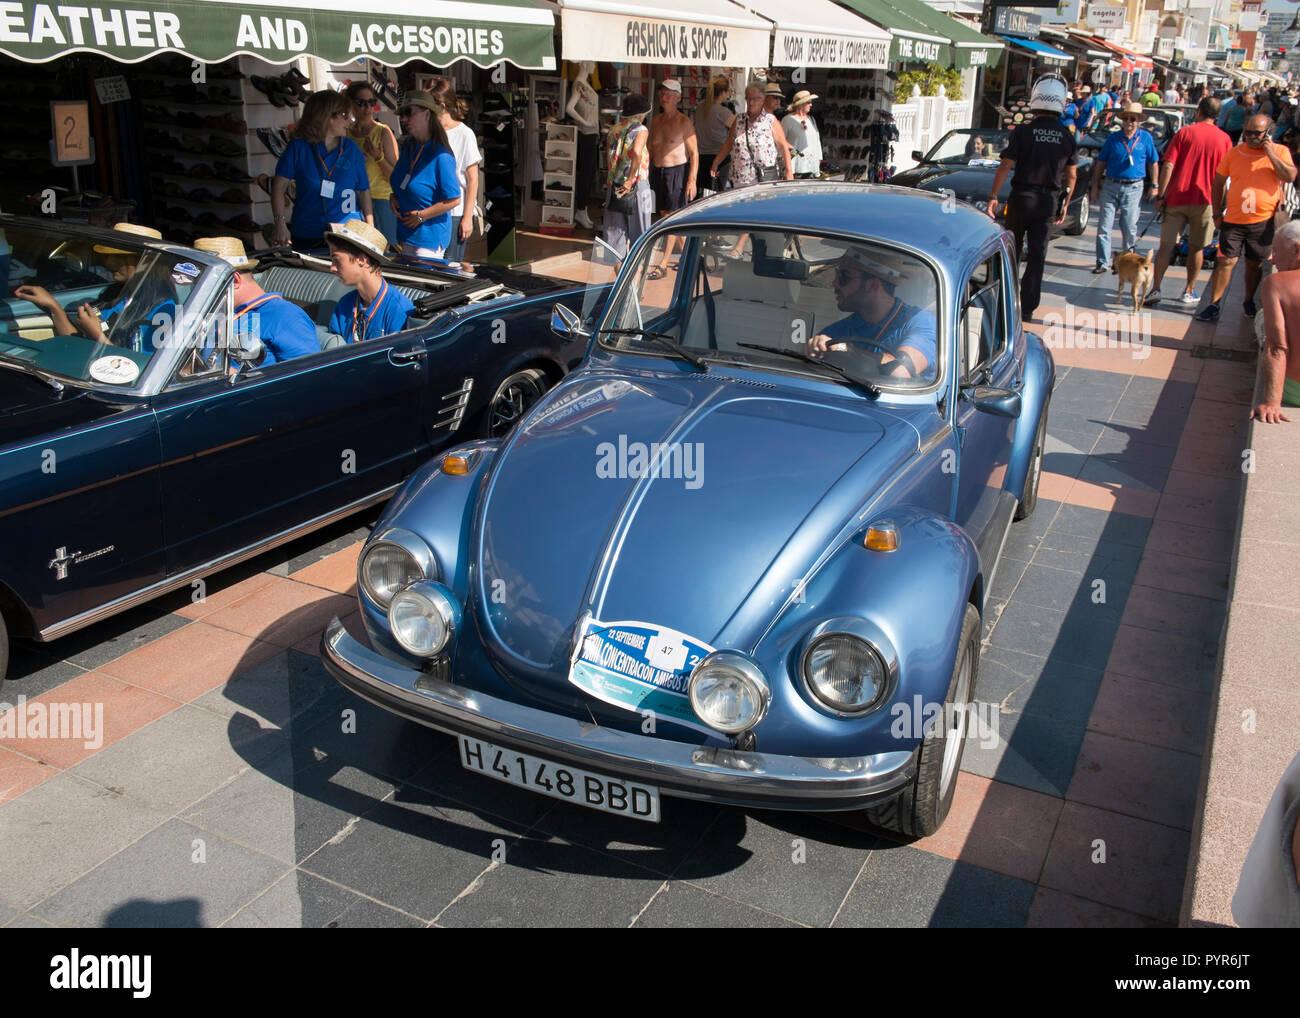 Volkswagen Beetle clásico. Reunión de coches clásicos en Torremolinos, Málaga, España. Foto de stock